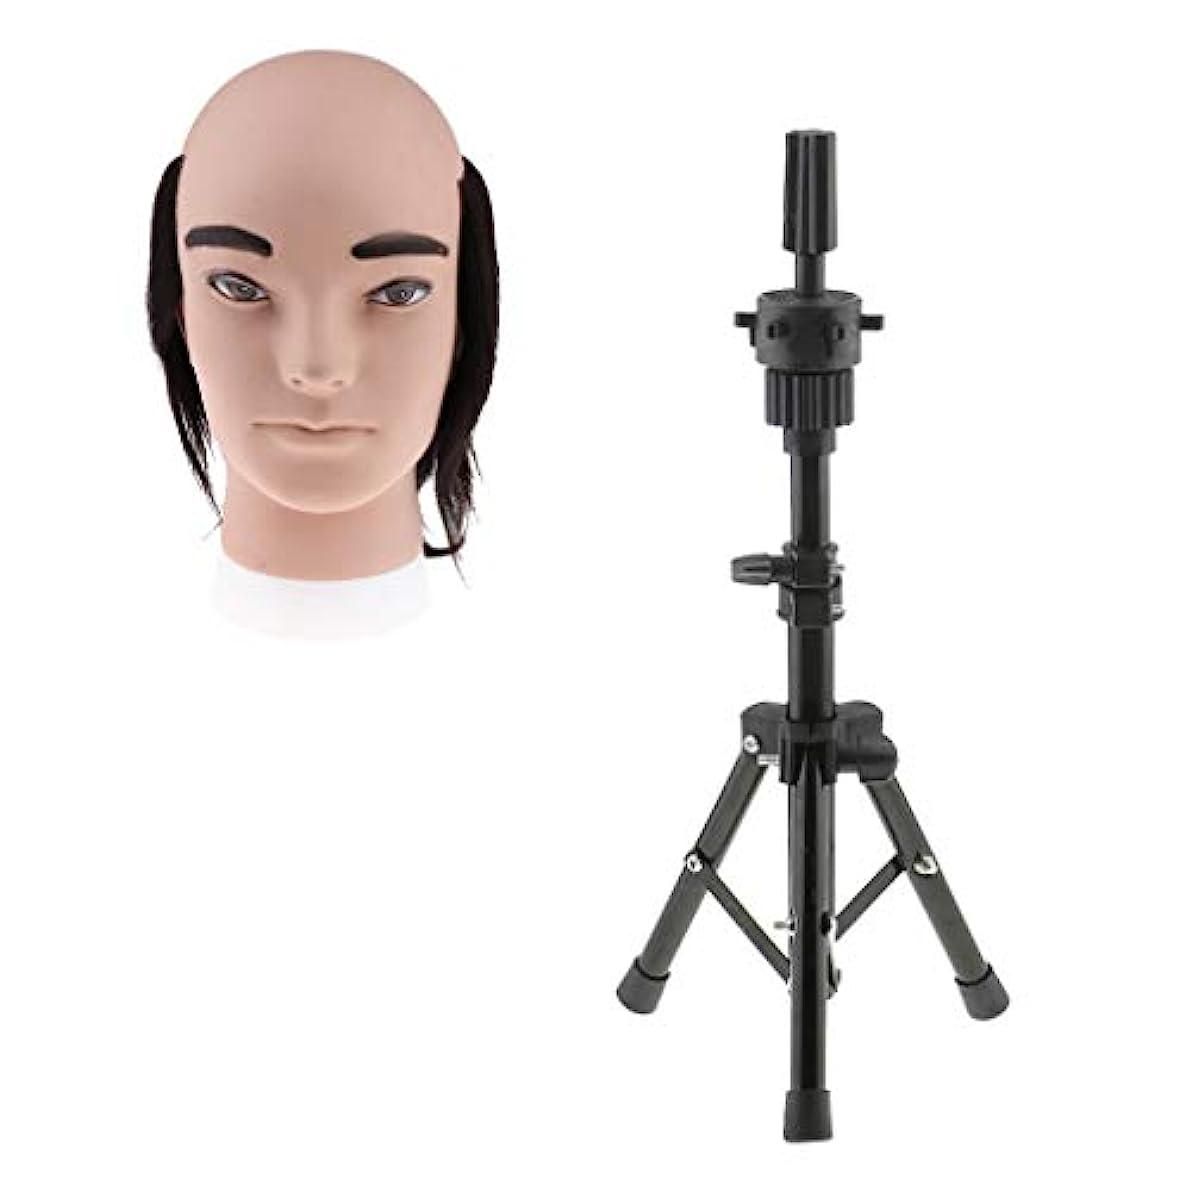 付添人中断アンティークT TOOYFUL ヘアプラクティスヘッド 男性 ヘアスタイリングヘッド メイク道具